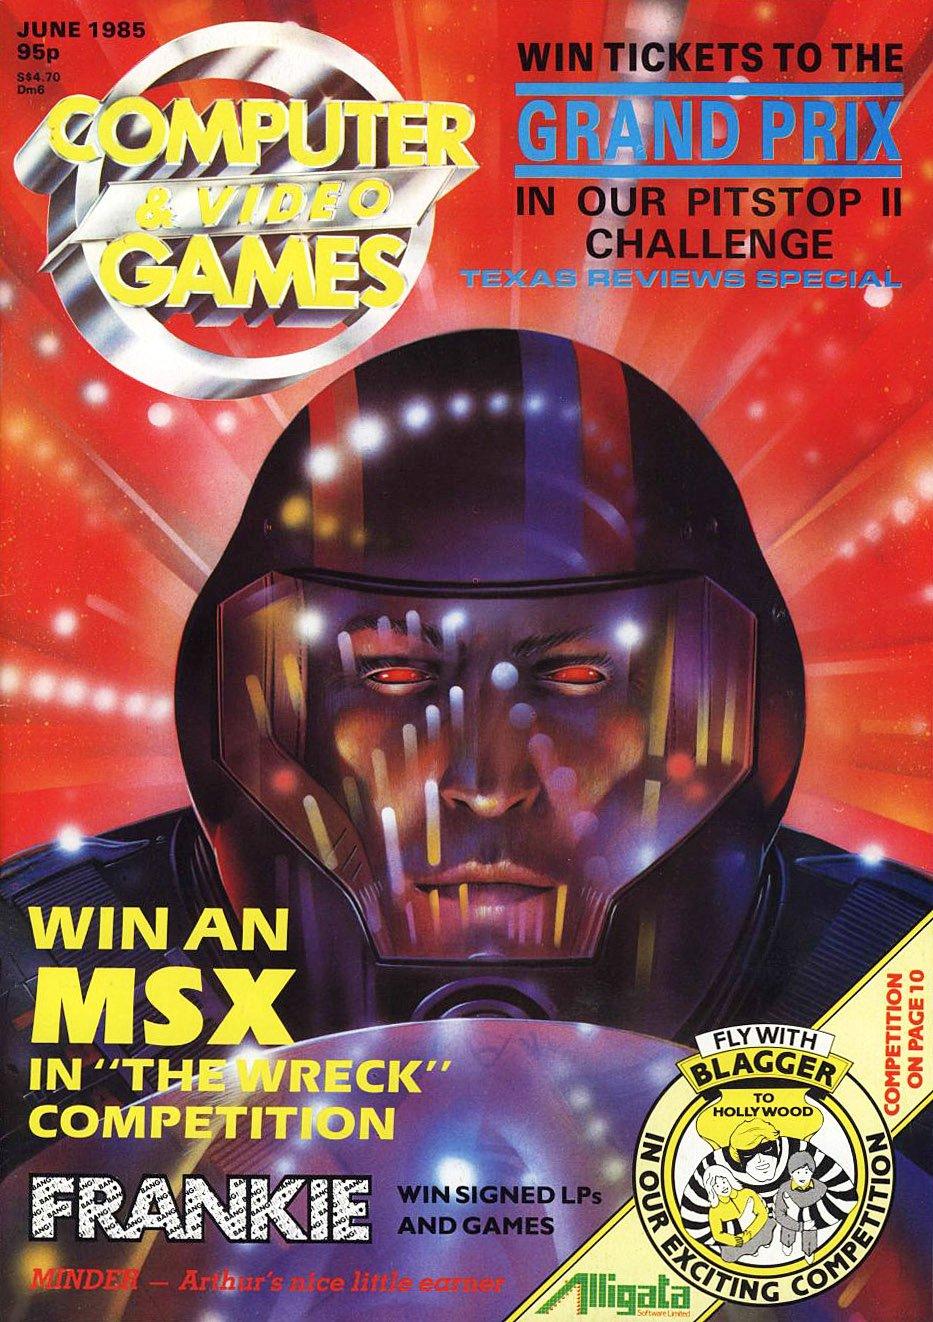 Computer & Video Games 044 (June 1985)